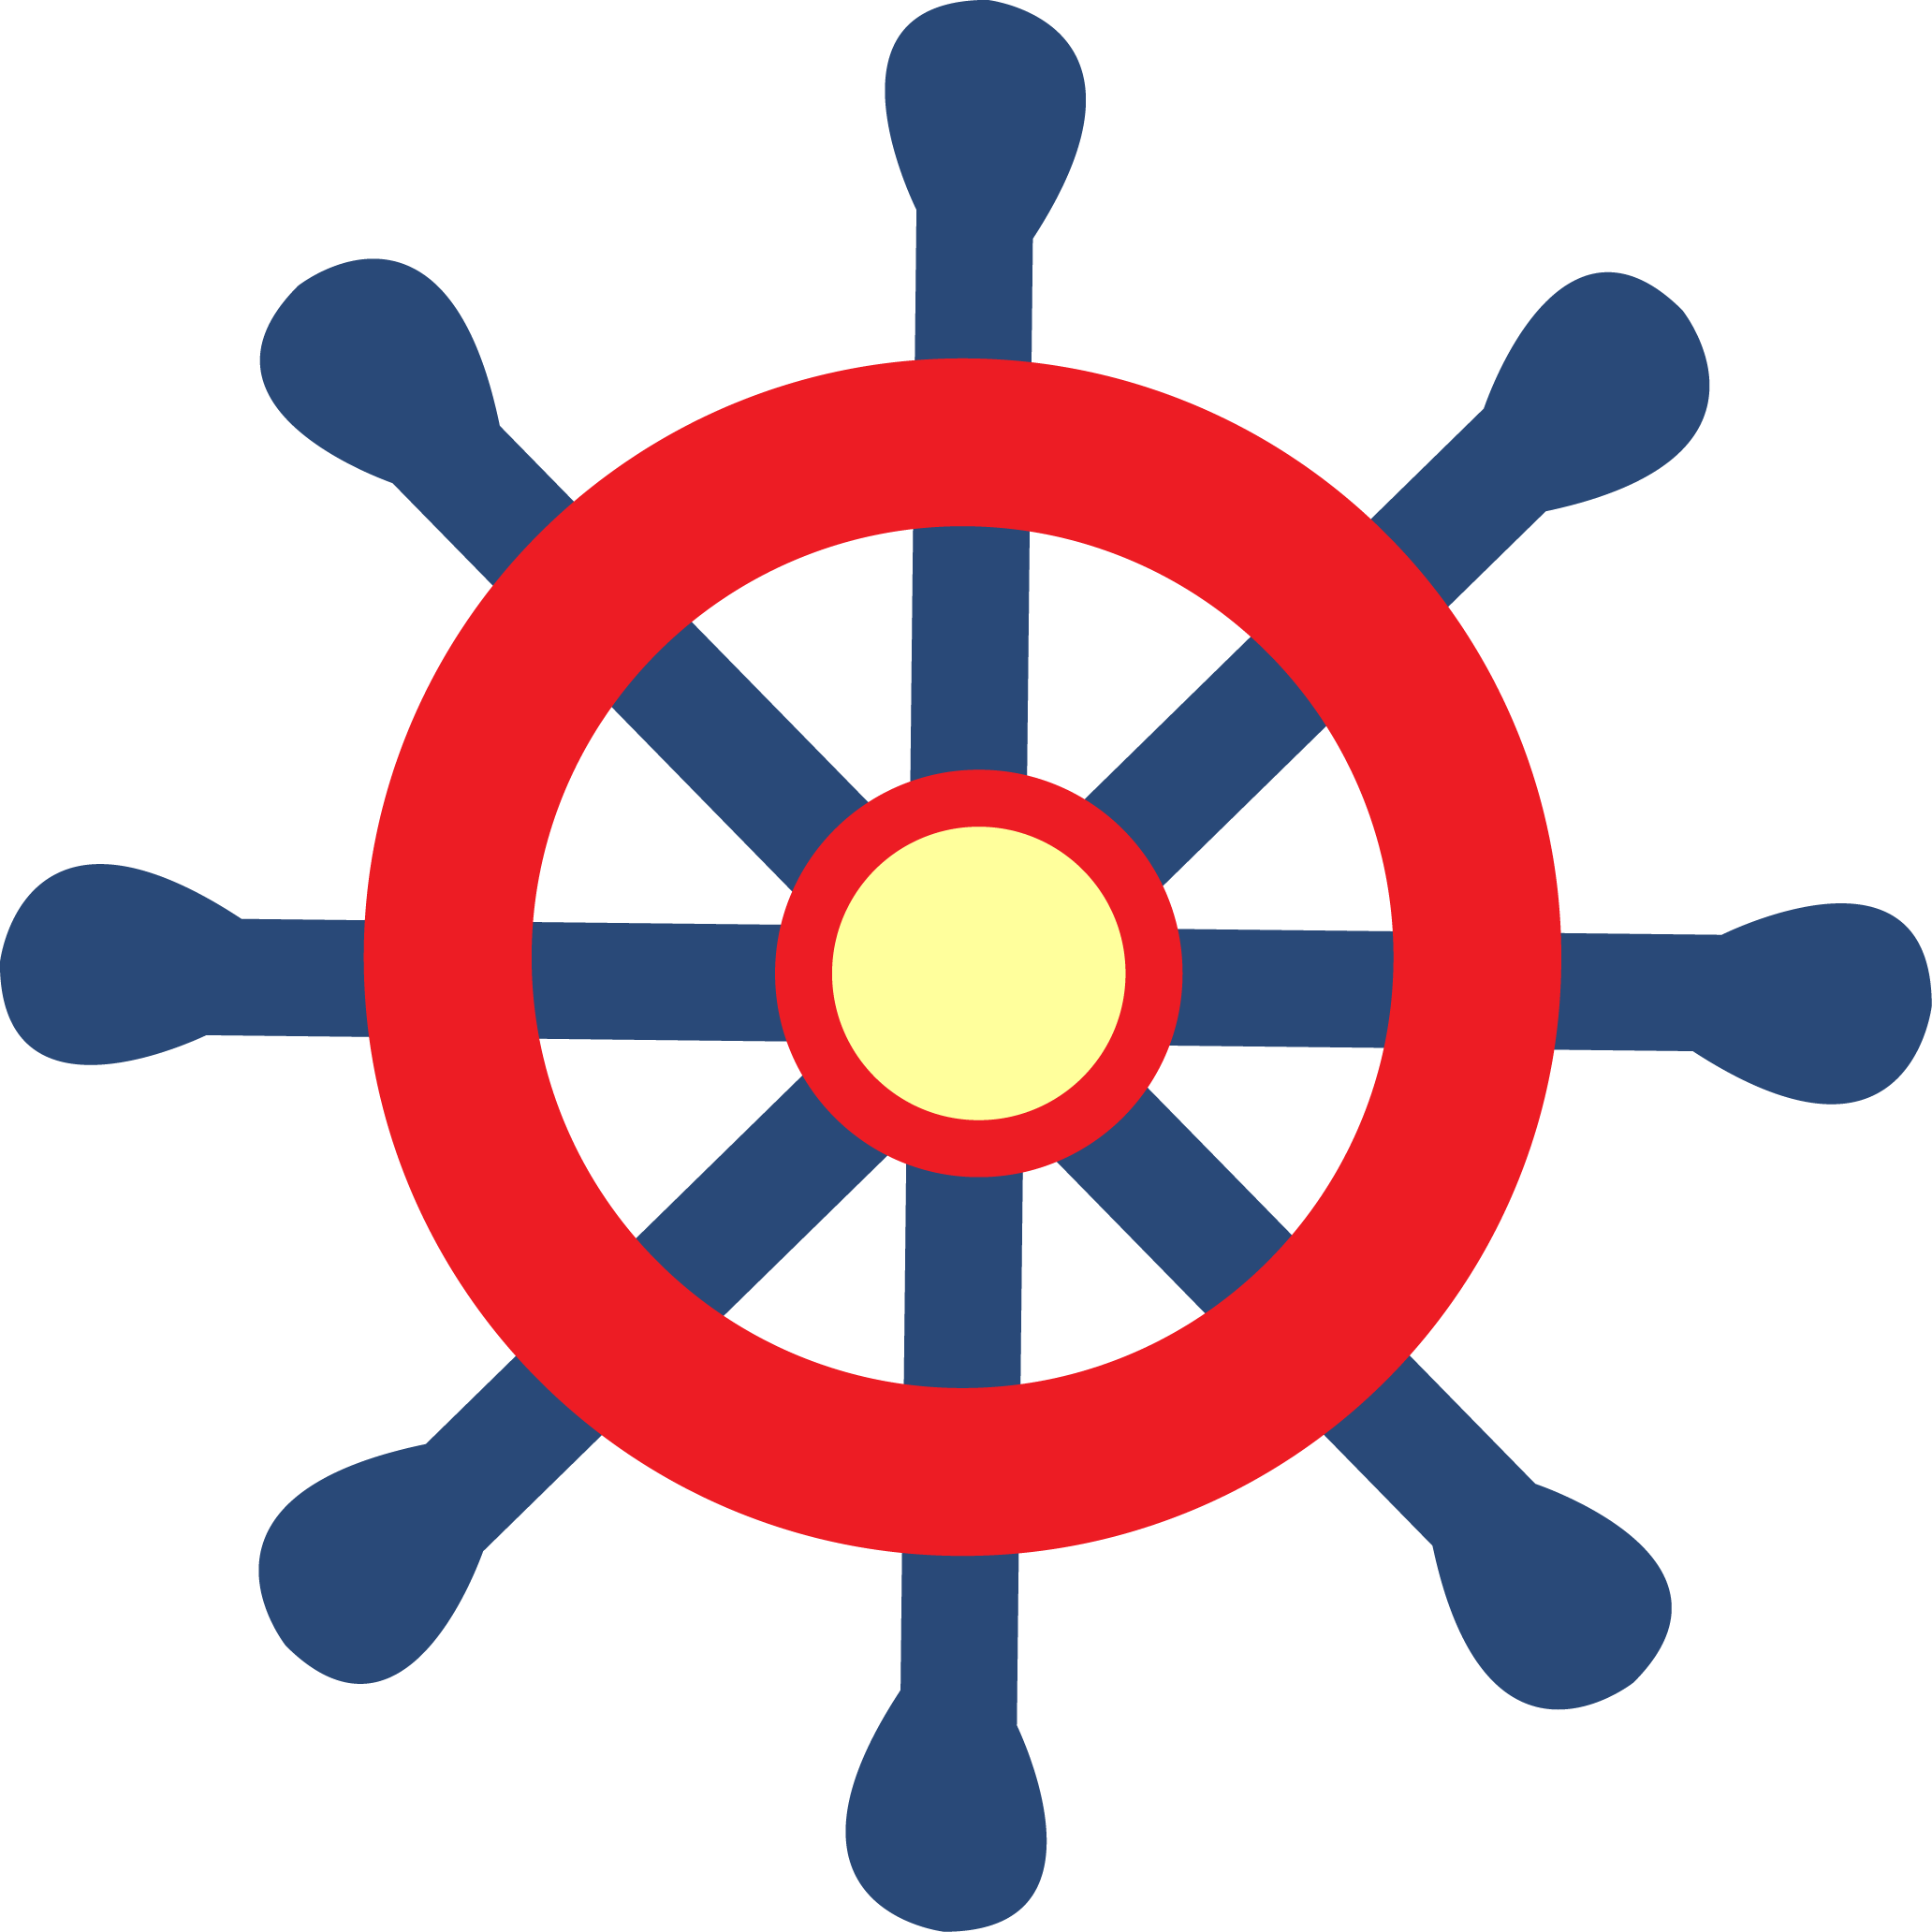 nautical clipart nautical item